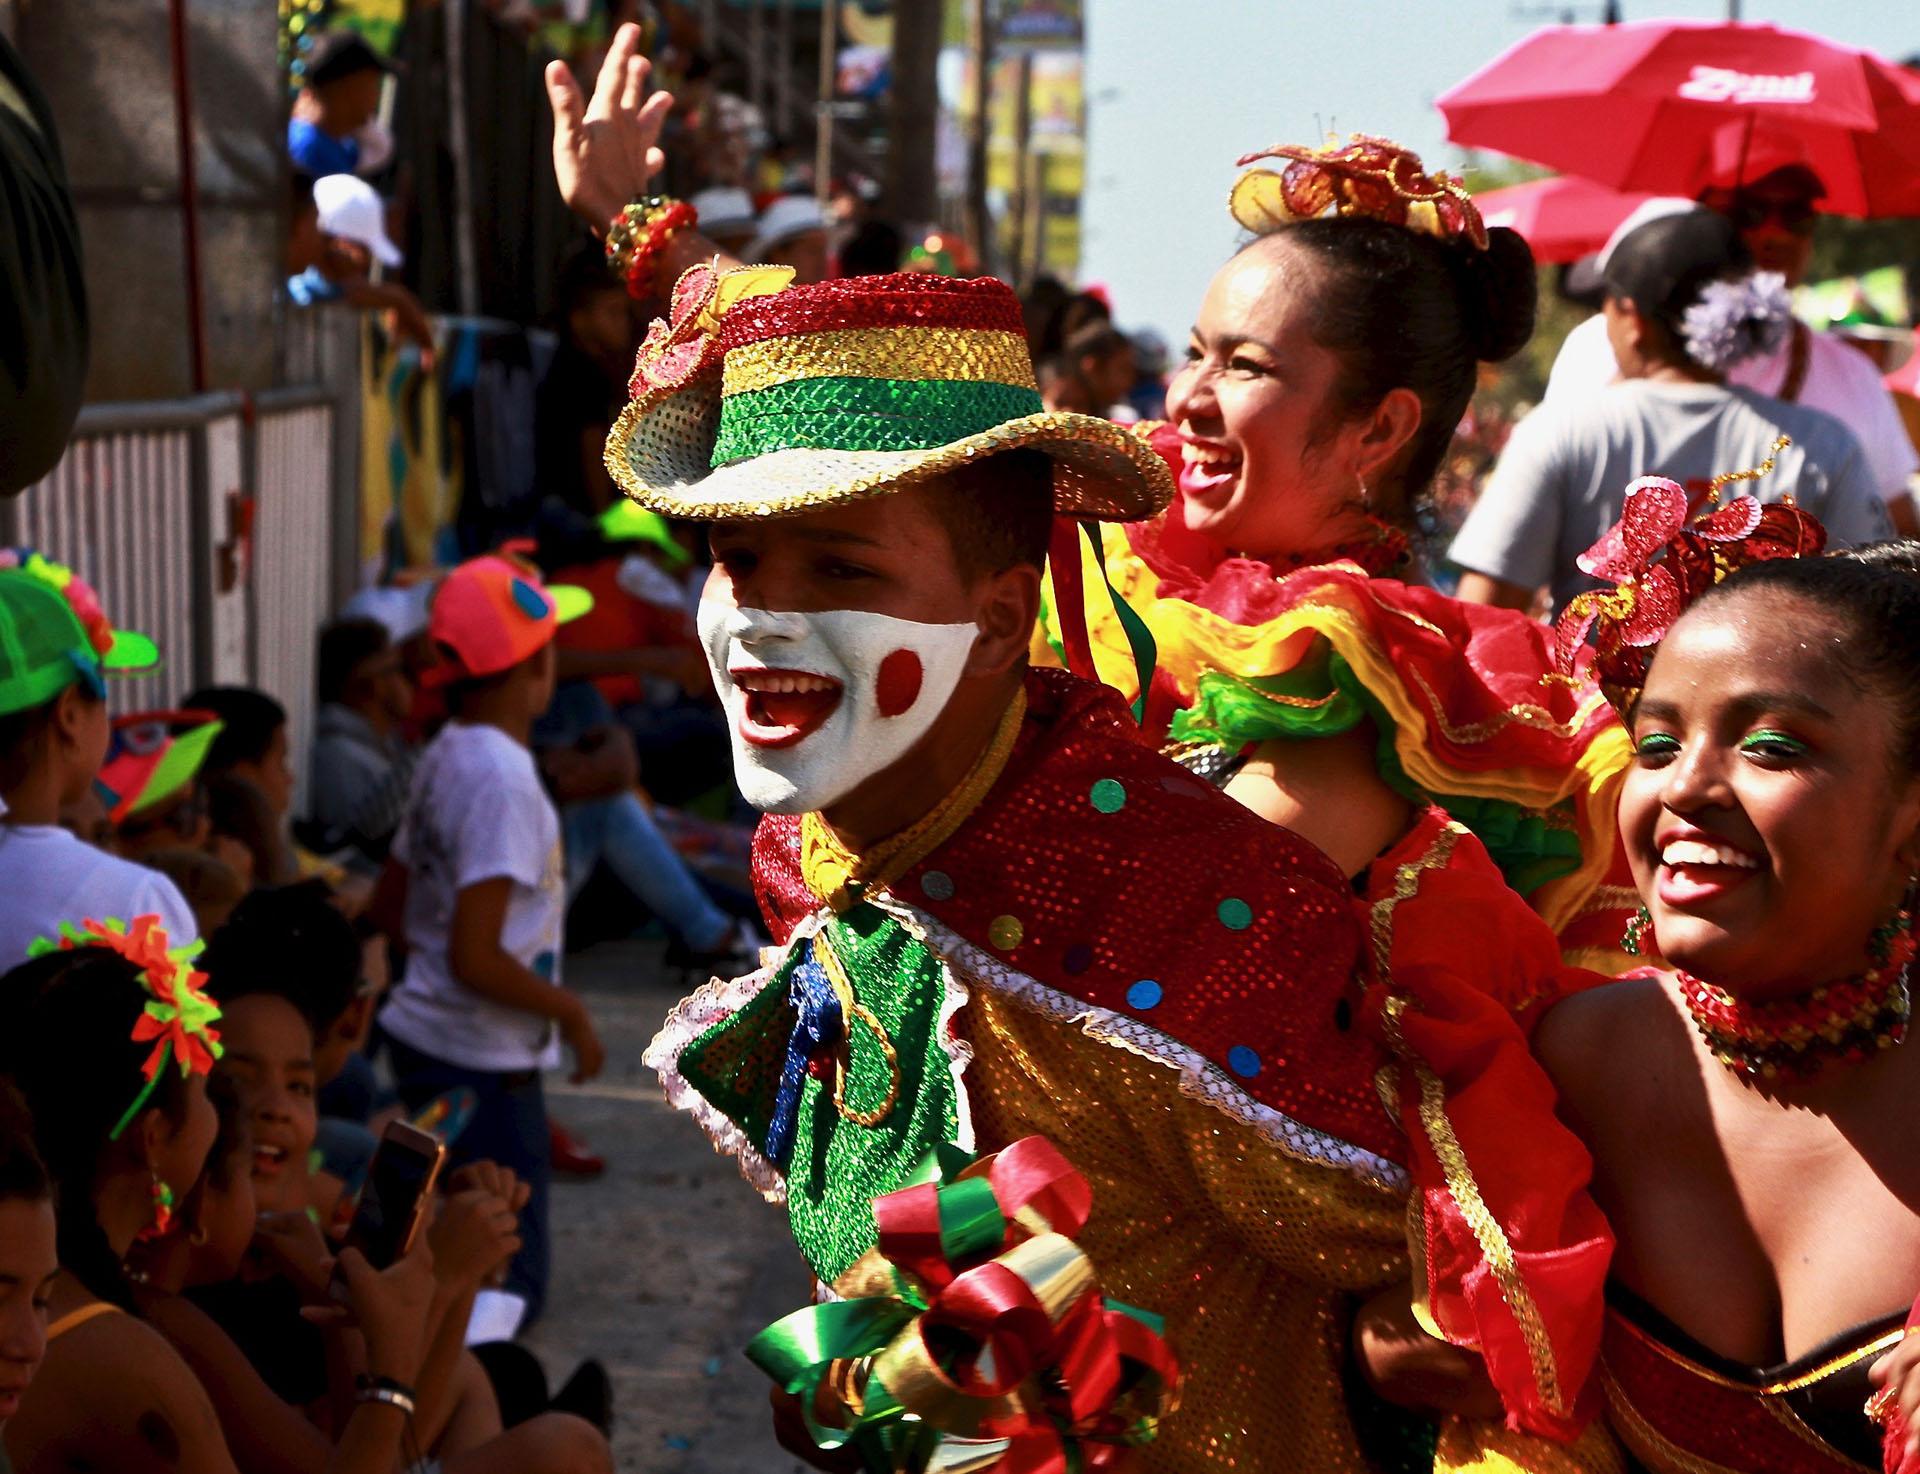 Niños de la danza del garabato, una de las comparsas más tradicionales del folclor. El Carnaval fue declarado Obra Maestra del Patrimonio Oral e Intangible de la Humanidad, por lo que sus manifestaciones son objeto de protección especial